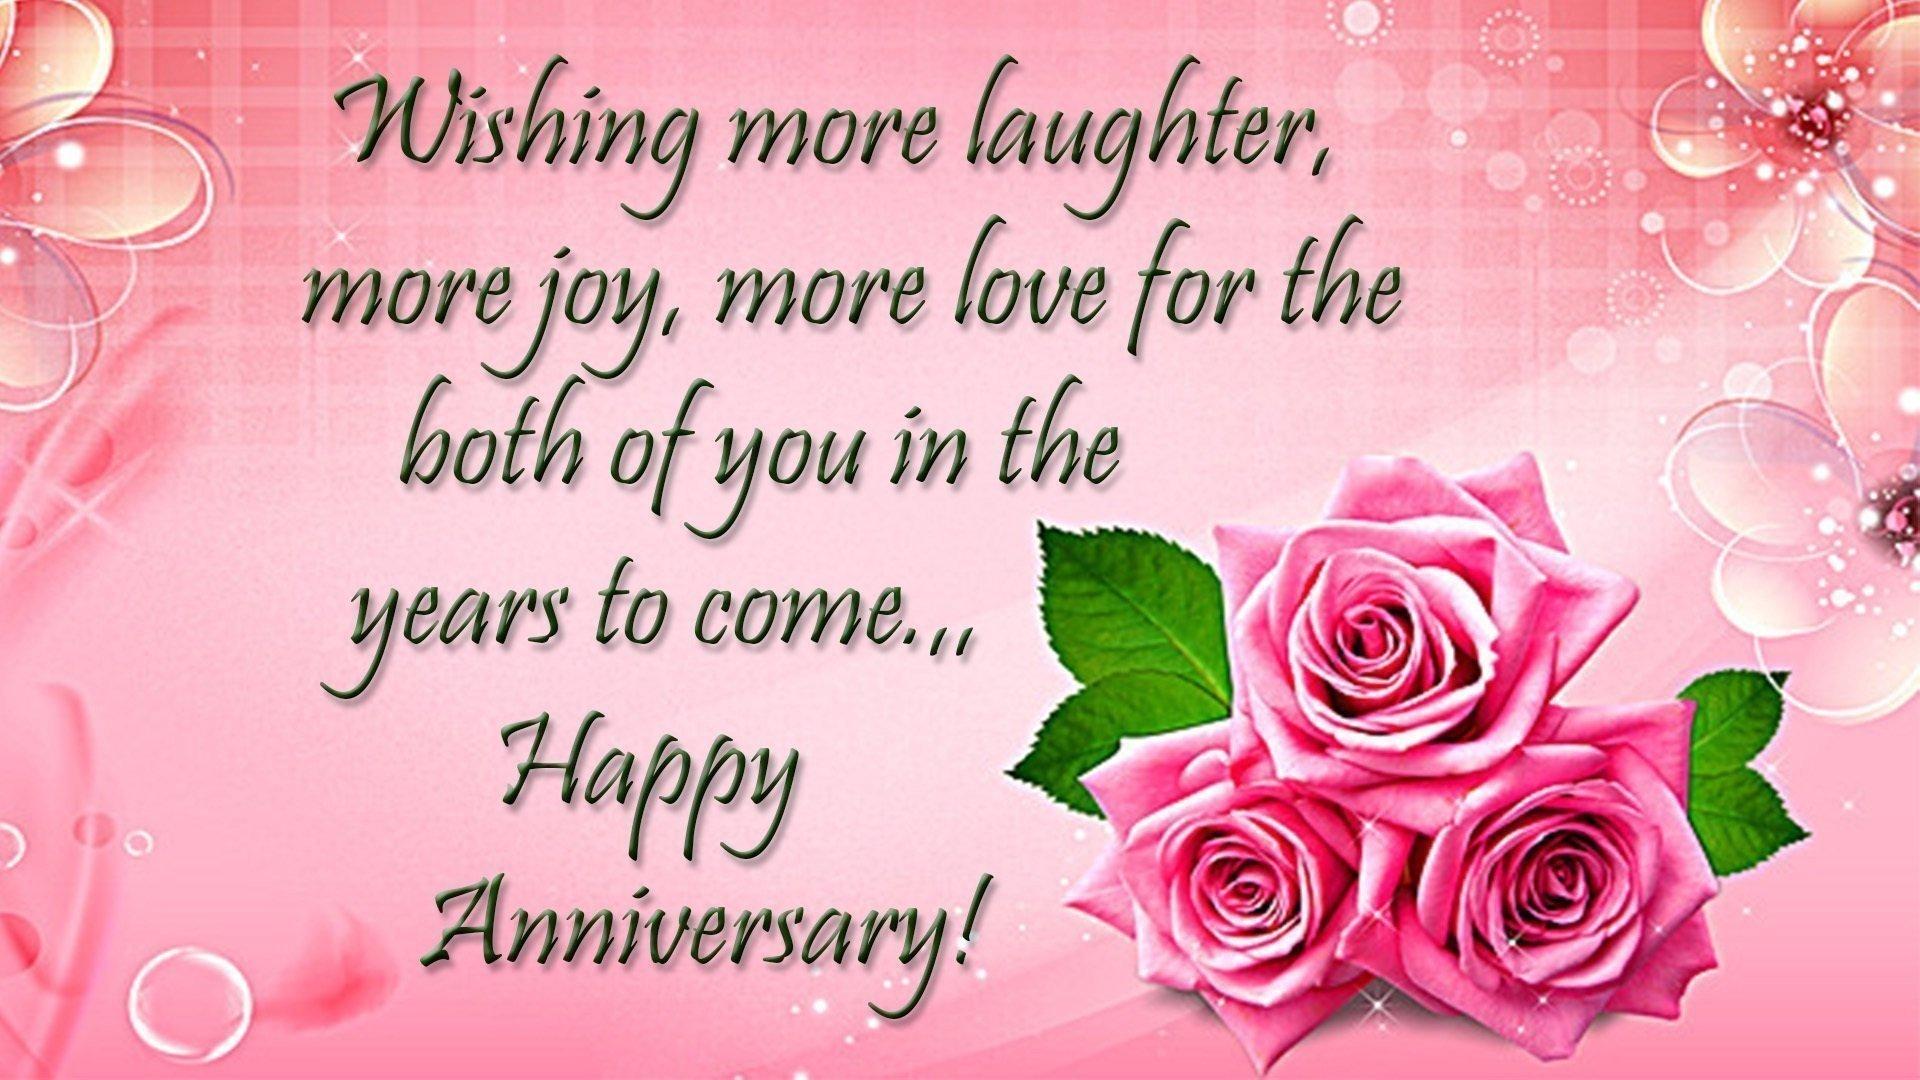 Inspiring Wedding Anniversary Wishes